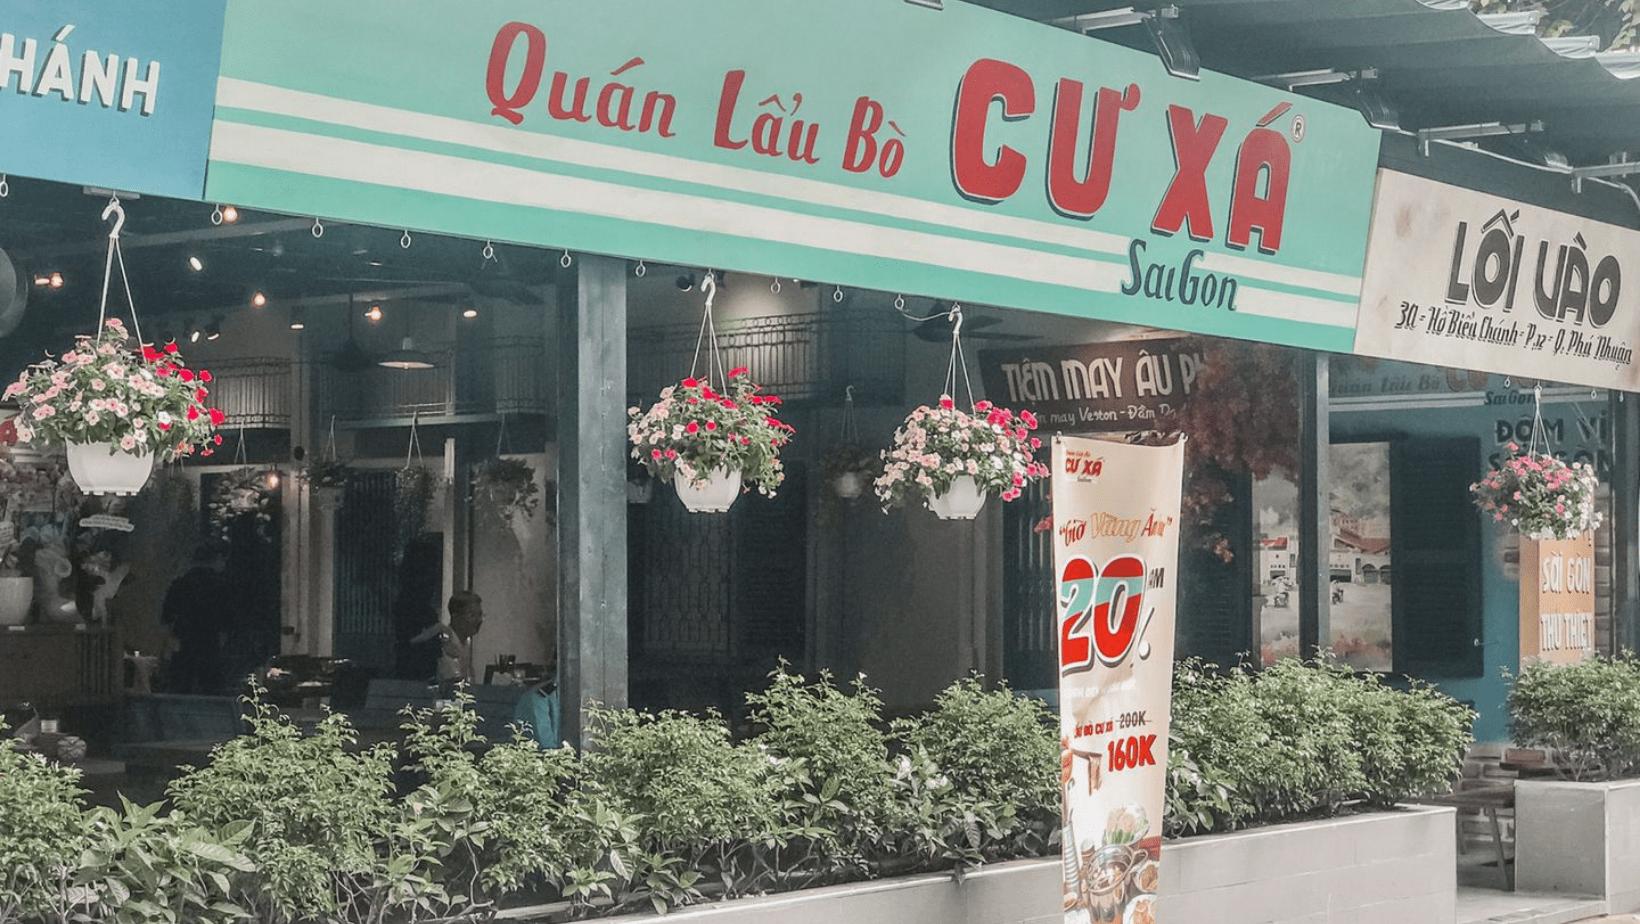 """Lẩu bò Cư Xá """"ngon từ thịt, ngọt từ xương"""" đậm chất retro ở Sài Gòn 7"""